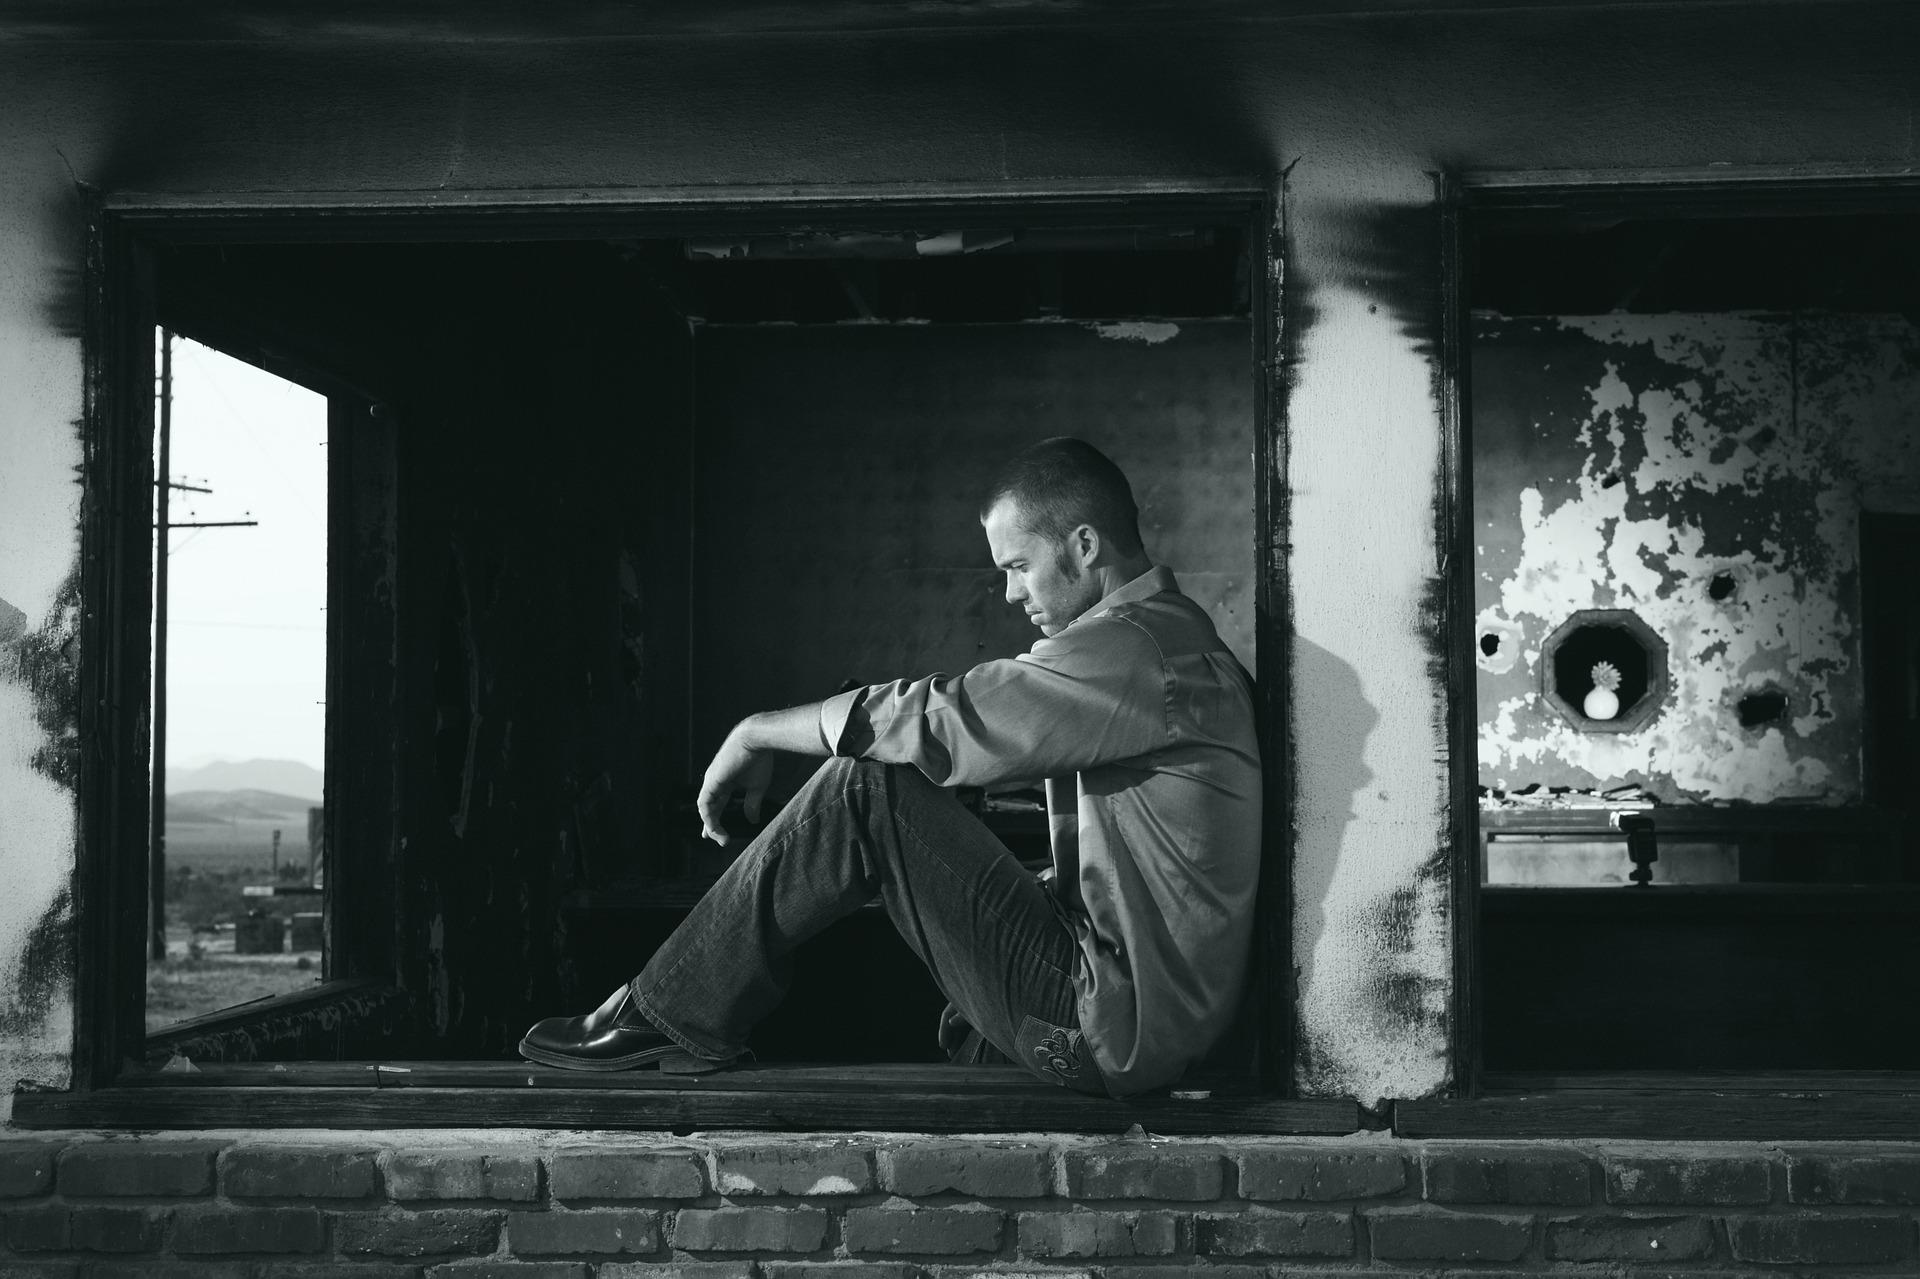 L'homme confronté à ses propres peurs, sa solitude